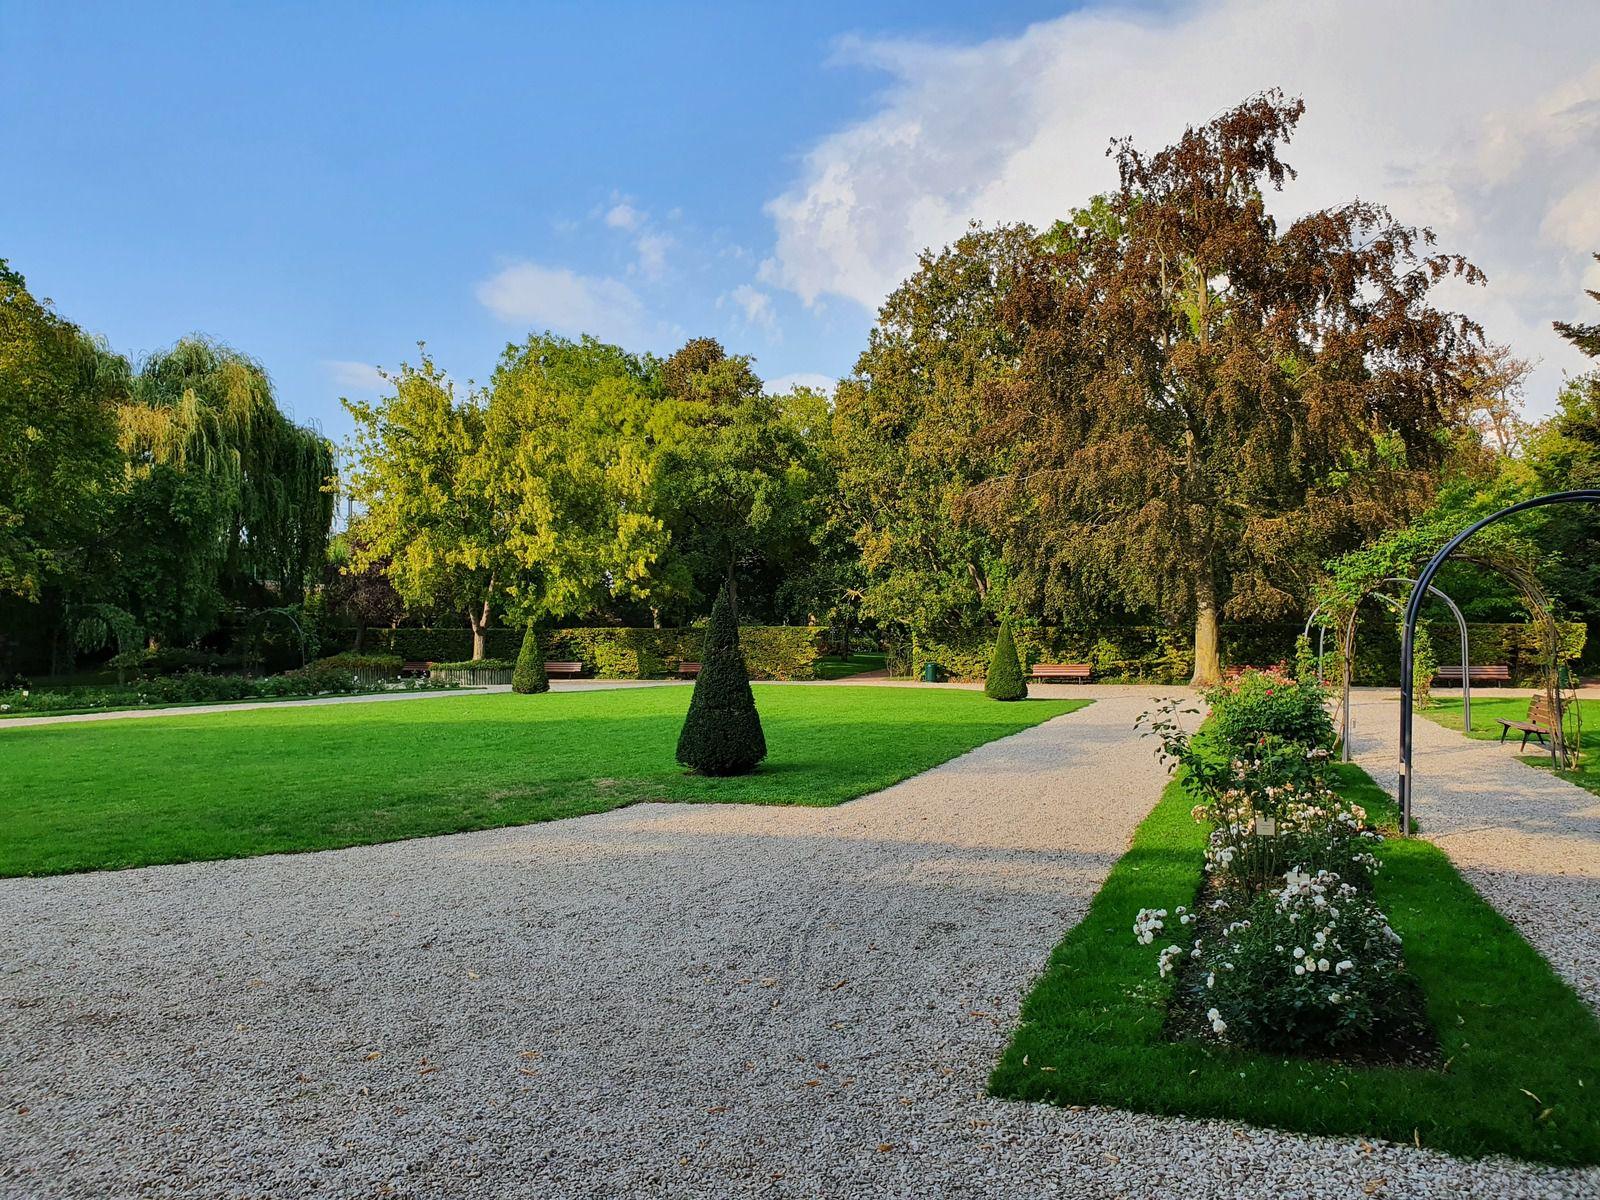 16 septembre 2020 - La Via Francigena de Berry-au-Bac à Reims